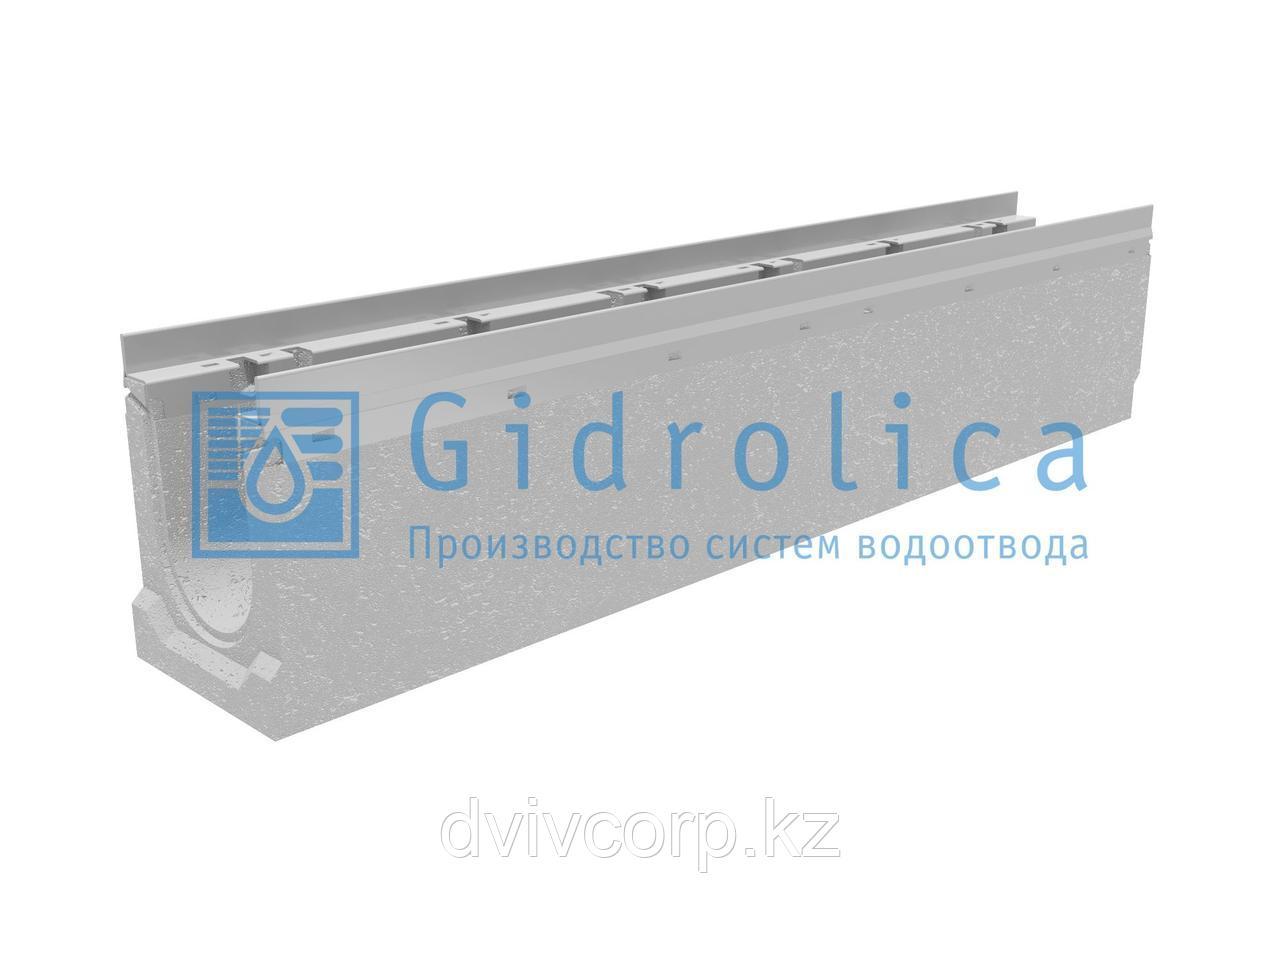 Лоток водоотводный бетонный коробчатый (СО-100мм), с оцинкованной насадкой, с уклоном 0,5%  КUу 100.16,3